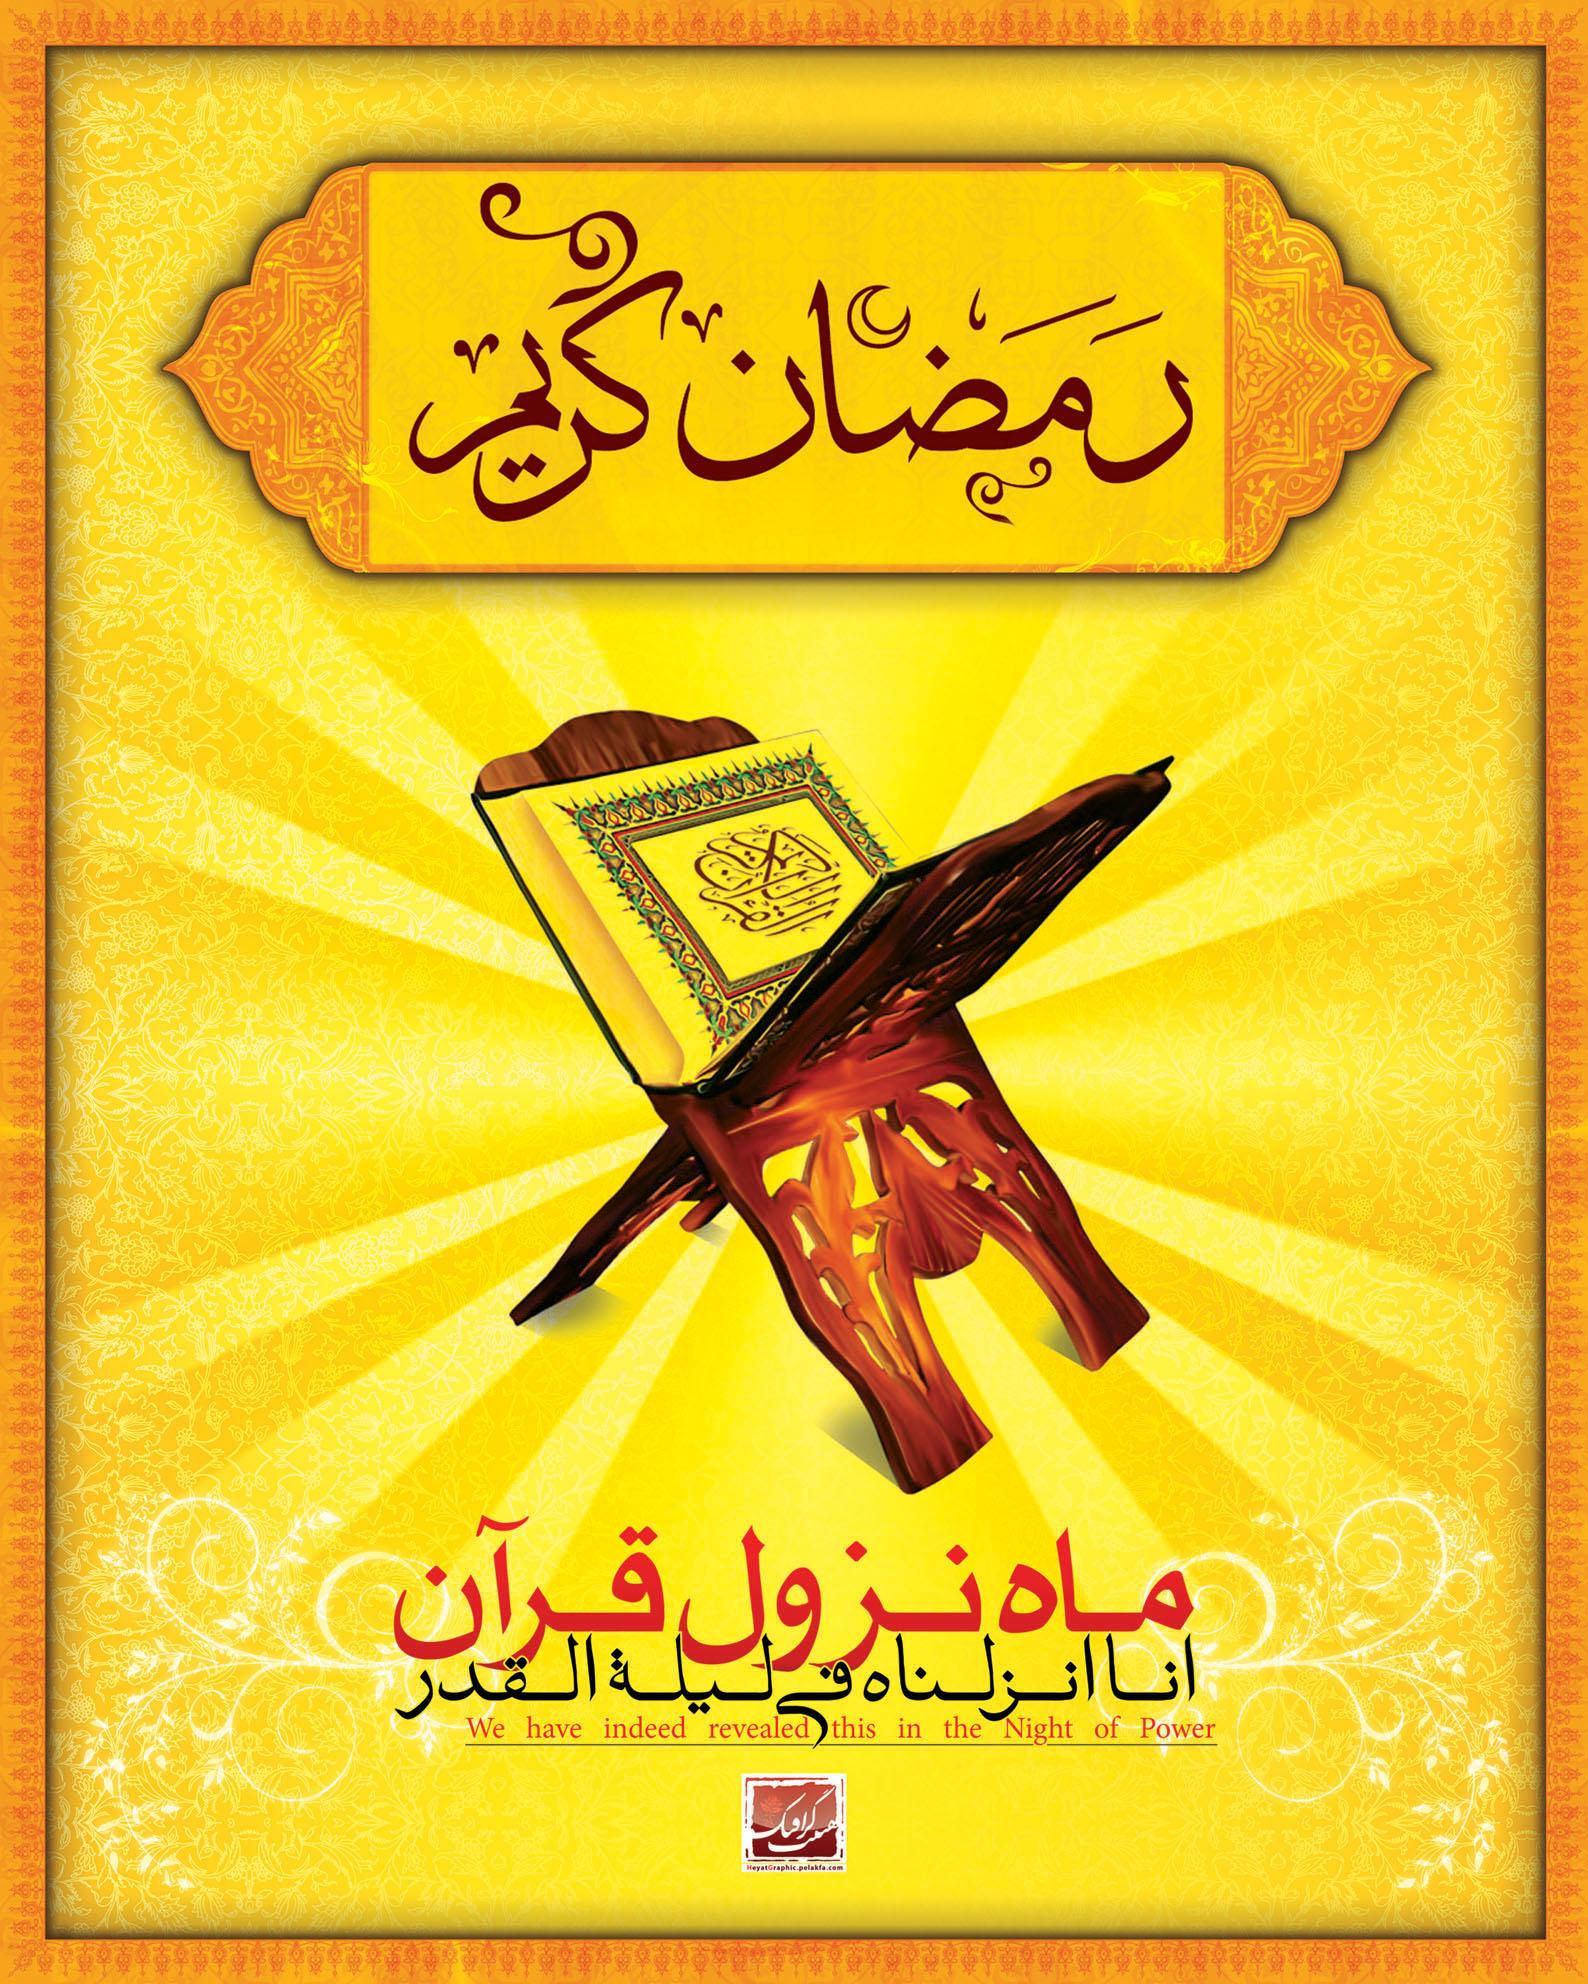 http://heyatgraphic.persiangig.com/image/ramazan1-heyatgraphic.pelakfa.jpg